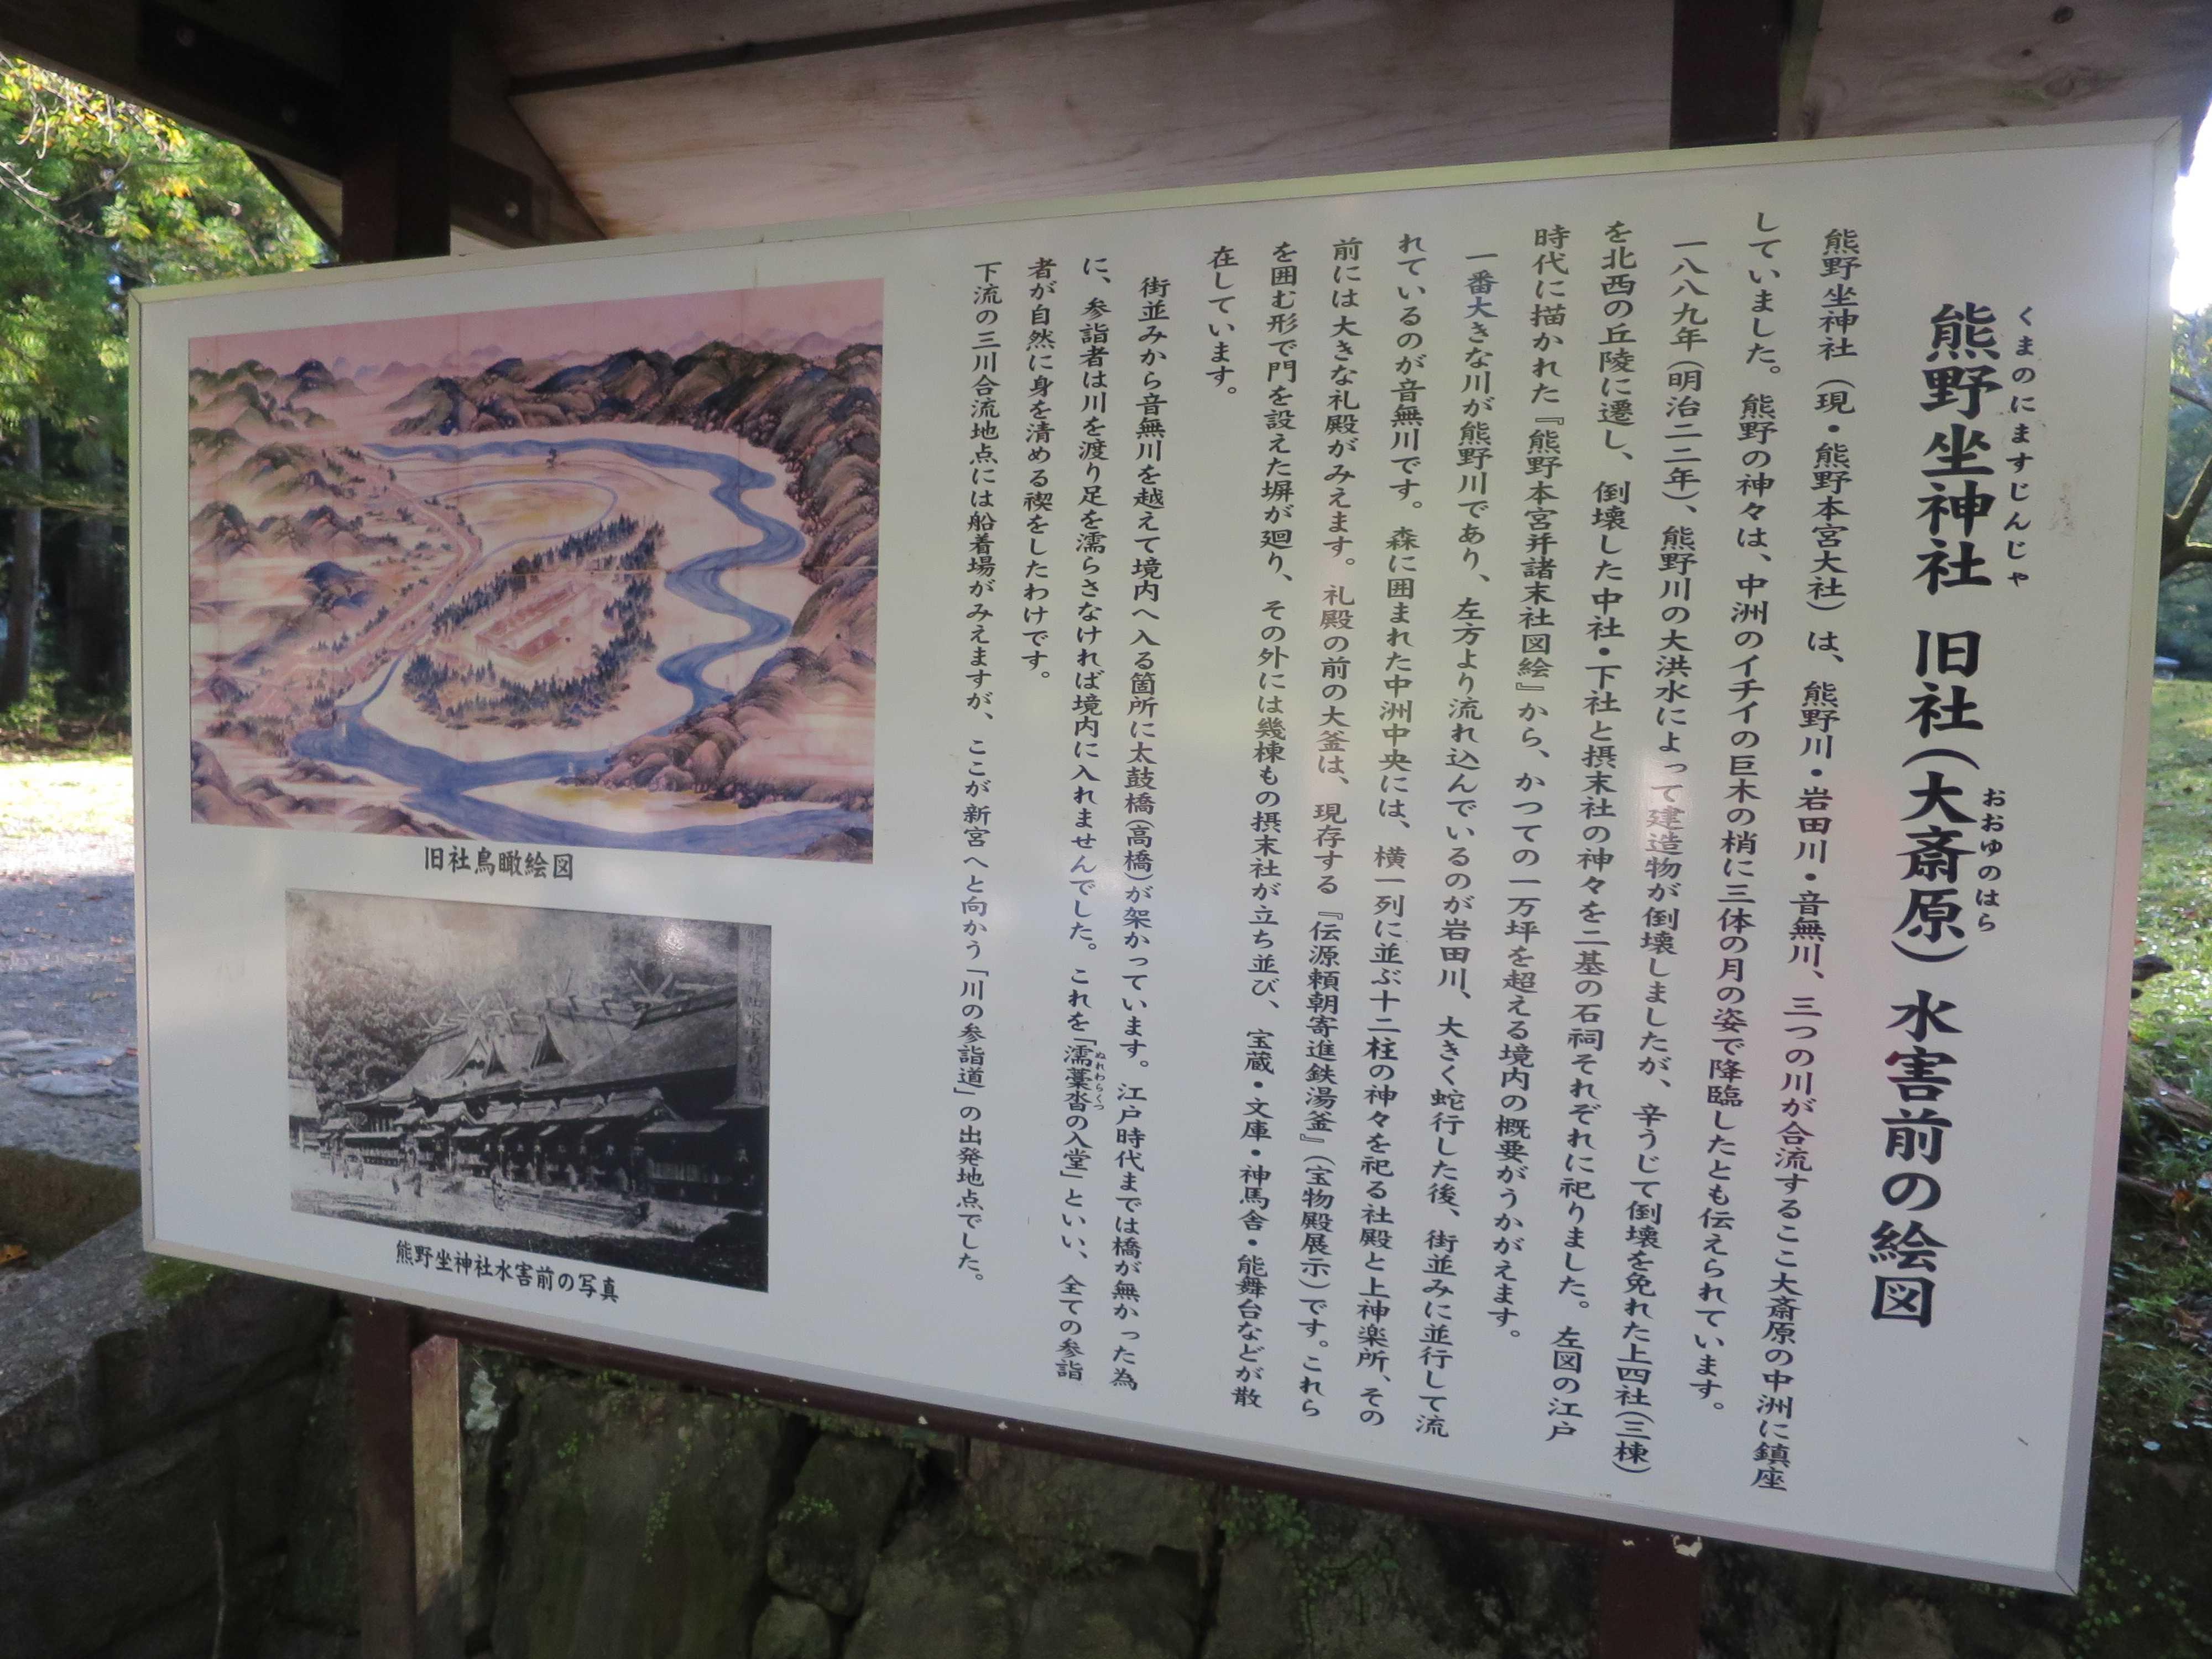 熊野坐神社 旧社(大斎原/おおゆのはら)水害前の絵図